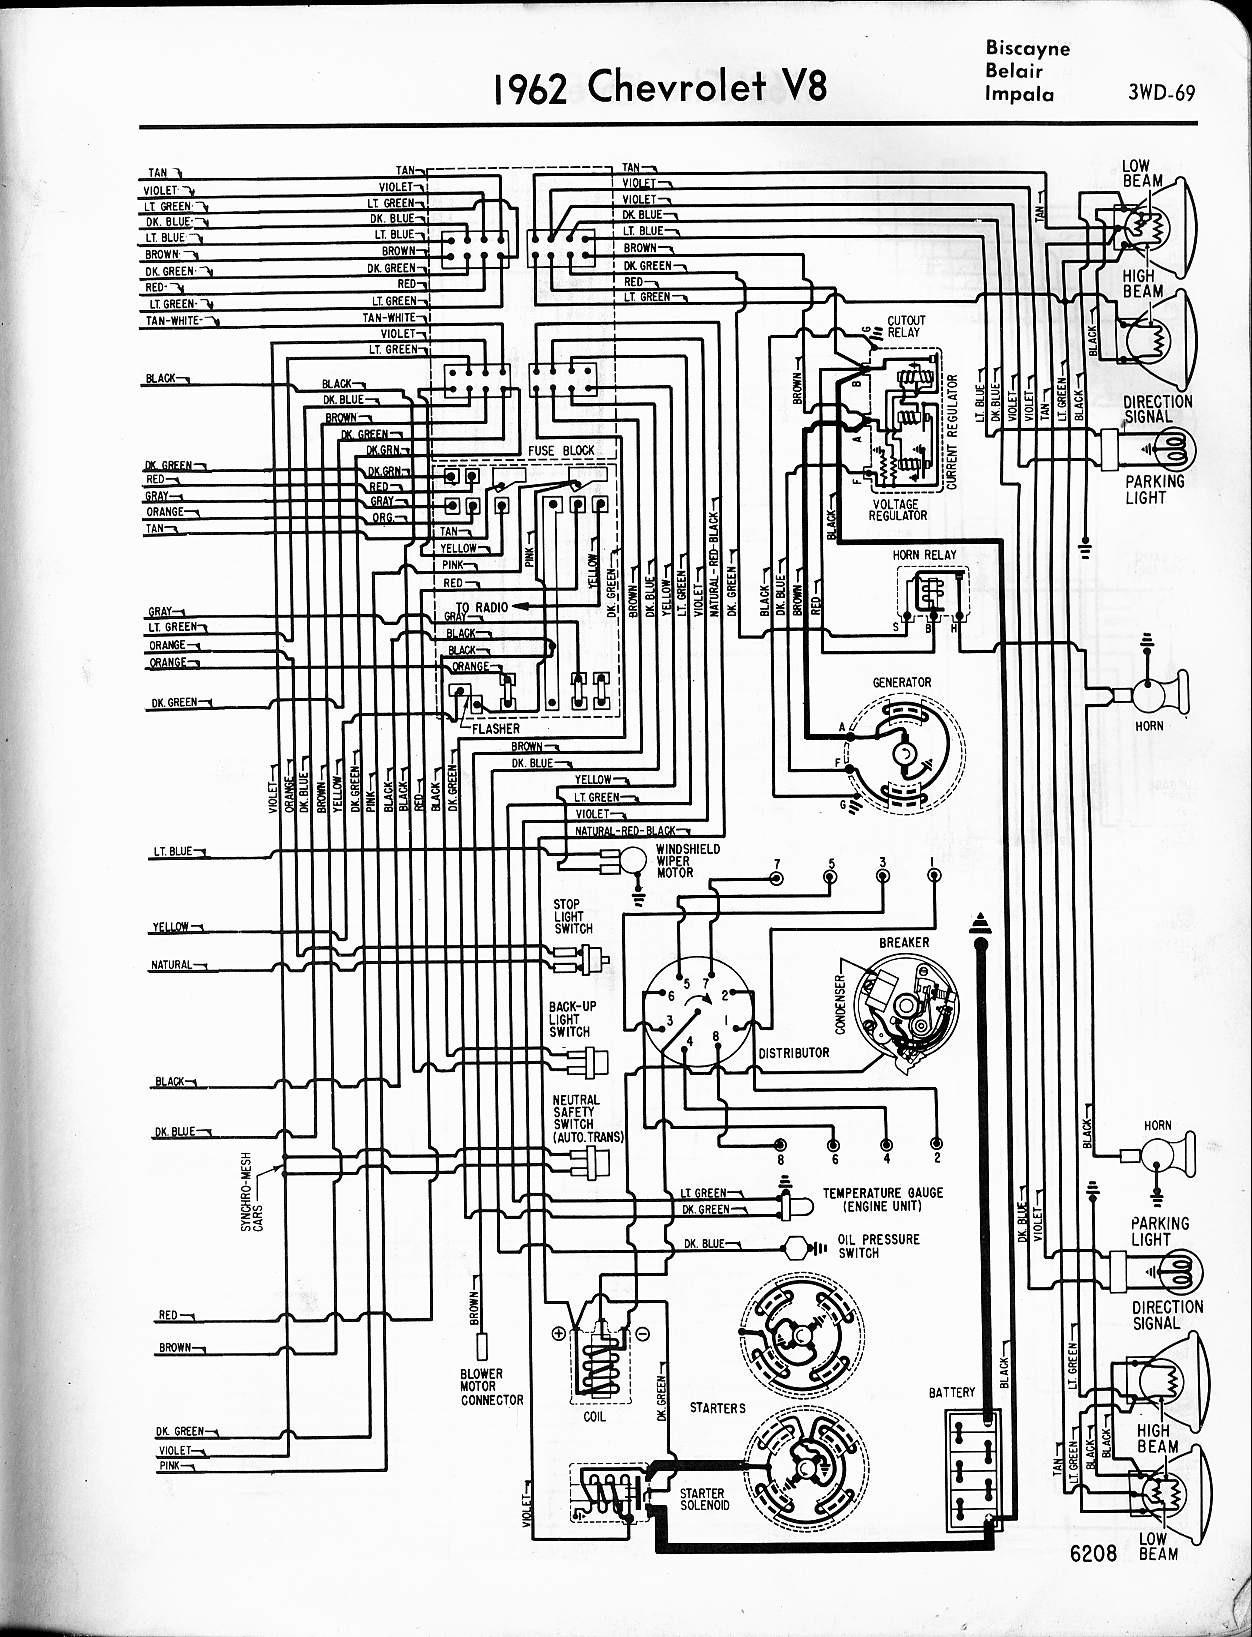 2005 impala engine diagram chevrolet chevy sedan 1964 chevy impala rh detoxicrecenze com 2005 Impala Belt Diagram 2005 Chevy Impala Transmission Schematics